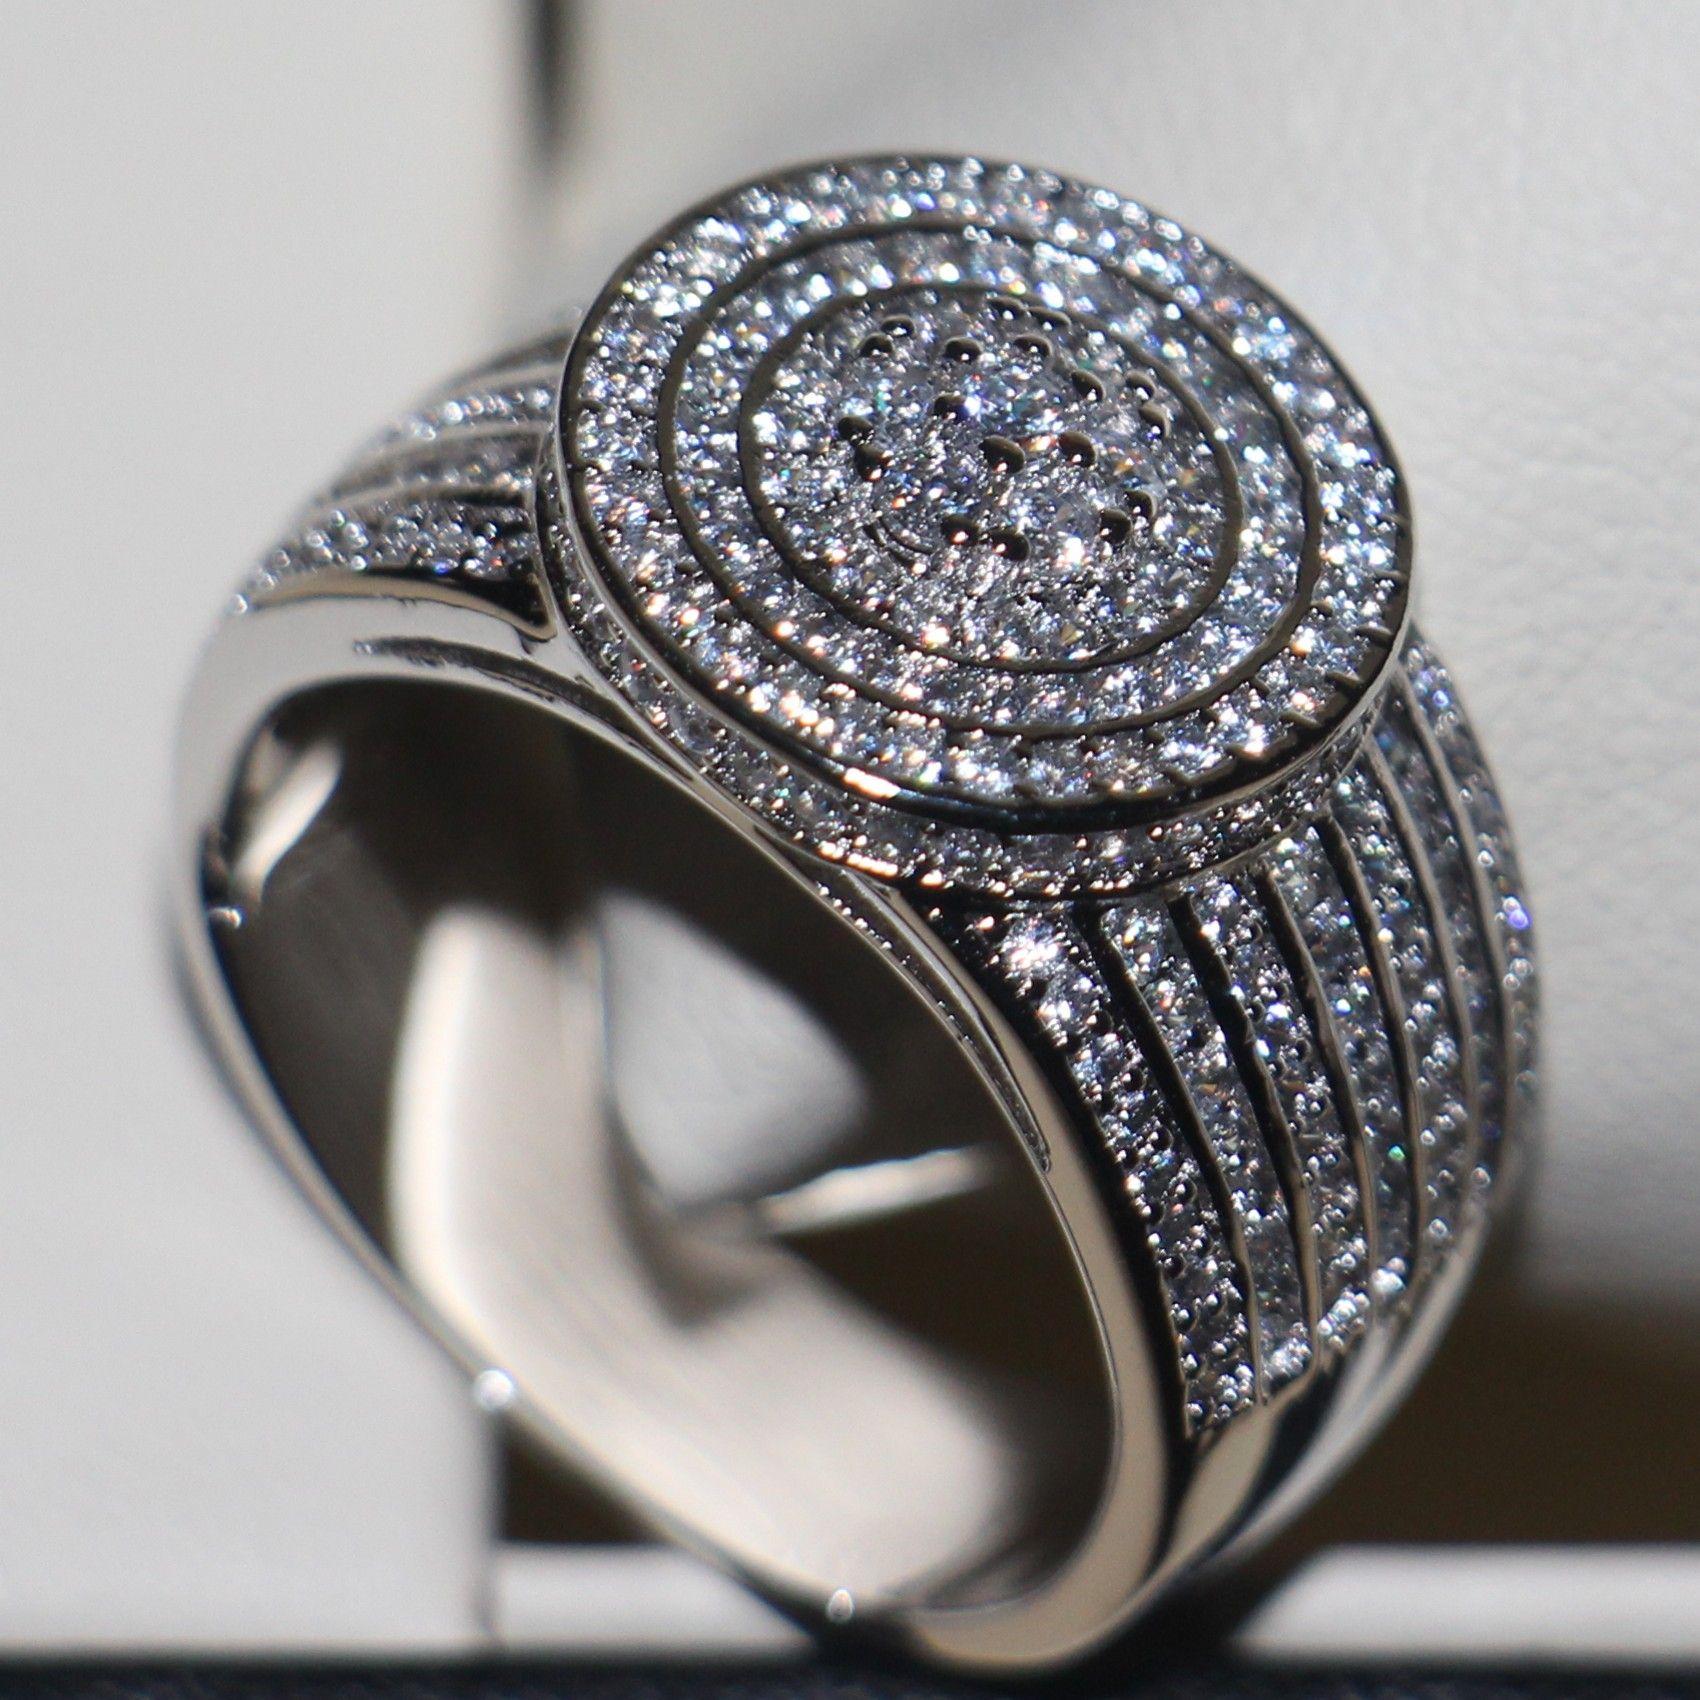 2016 neue Frauen Modeschmuck 925 Sterling Silber 240 STÜCKE Topaz Simuliert Diamant GemWedding Band Liebhaber Ring für Weihnachtsgeschenk Größe 5-11